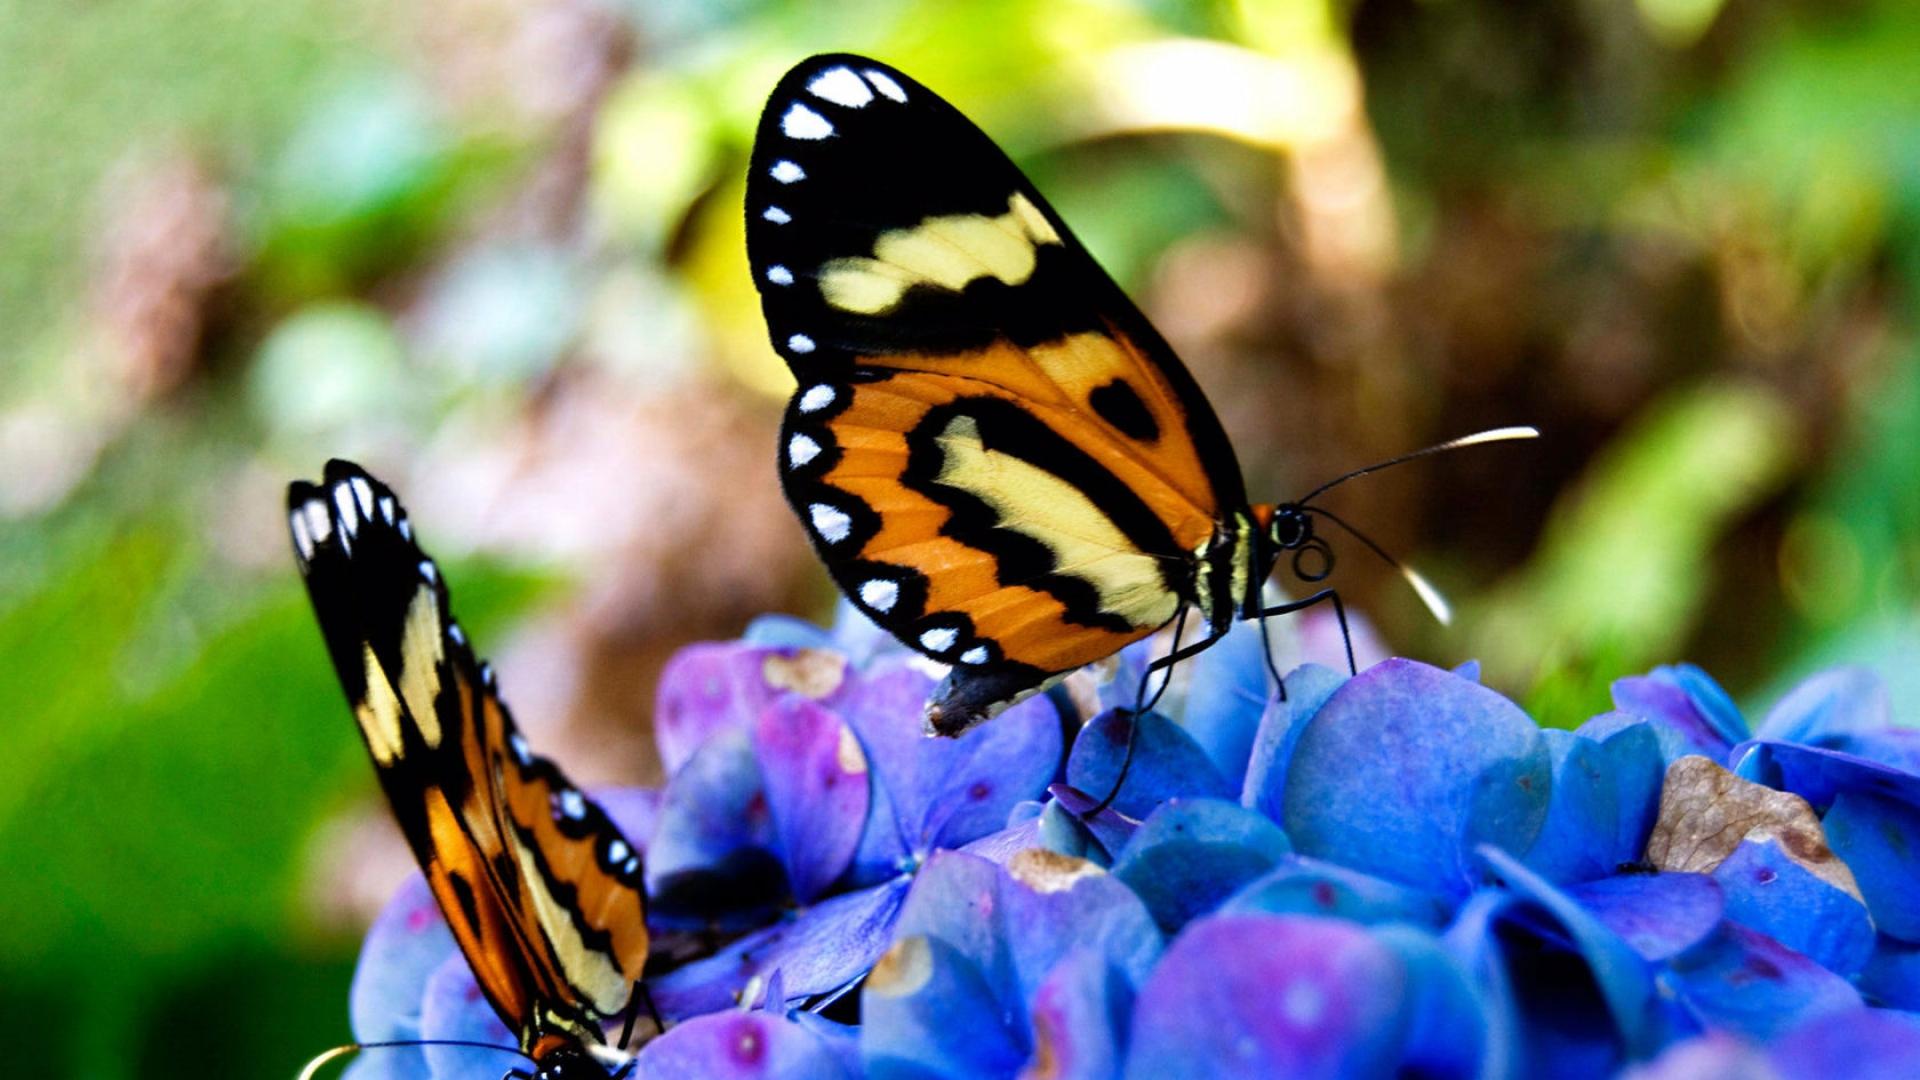 download wallpaper 1920x1080 butterflies flowers grass plants